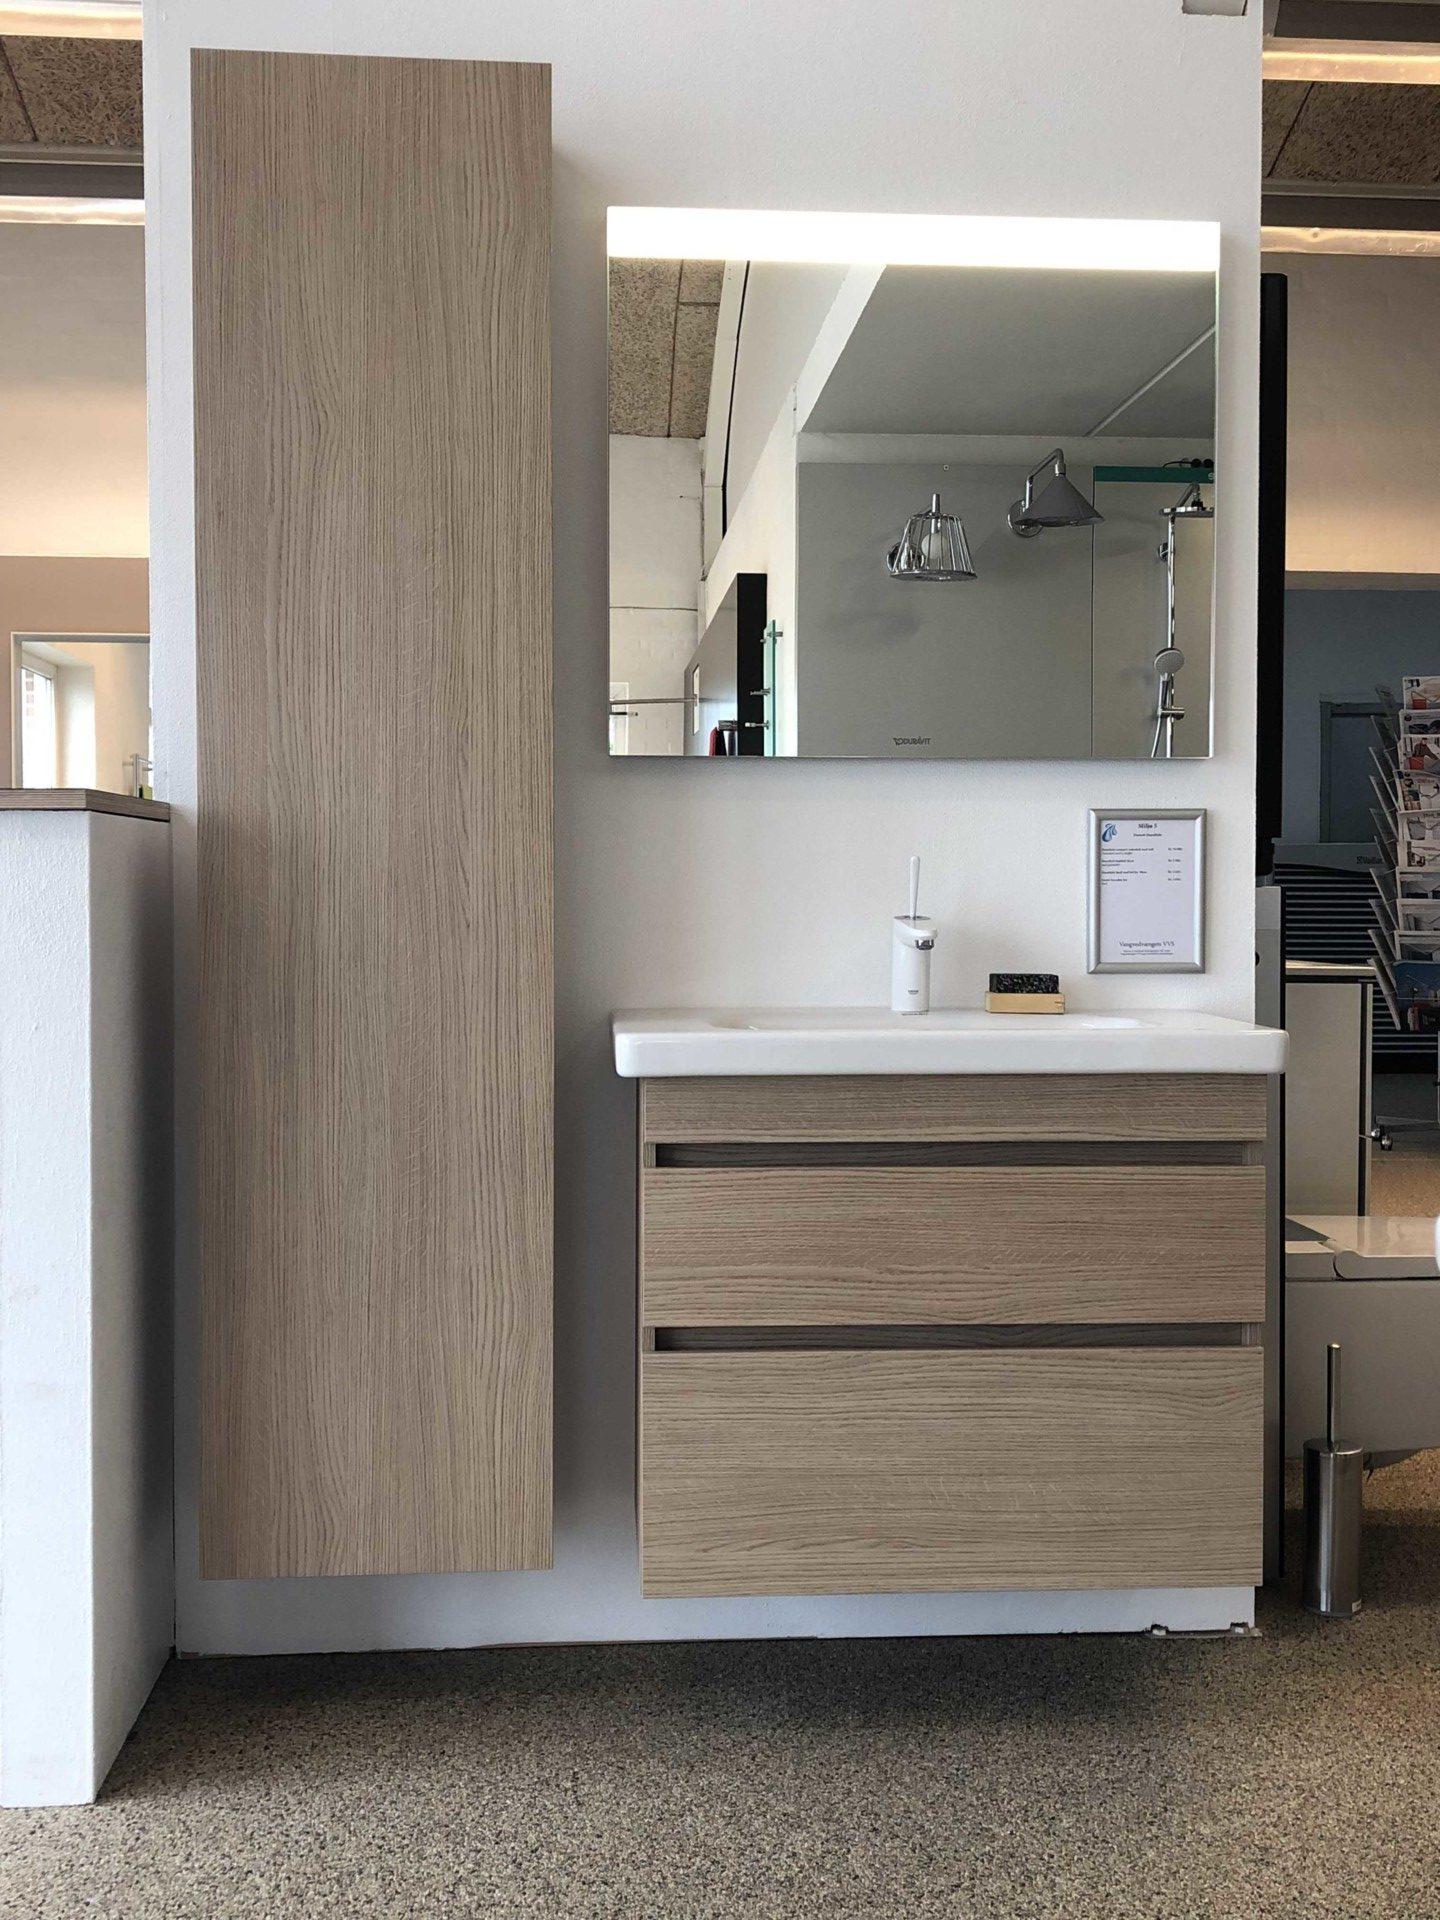 Vangvedvængets VVS møbelsæt vask vaskeskab højskab armaturudstilling showroom badeværelse